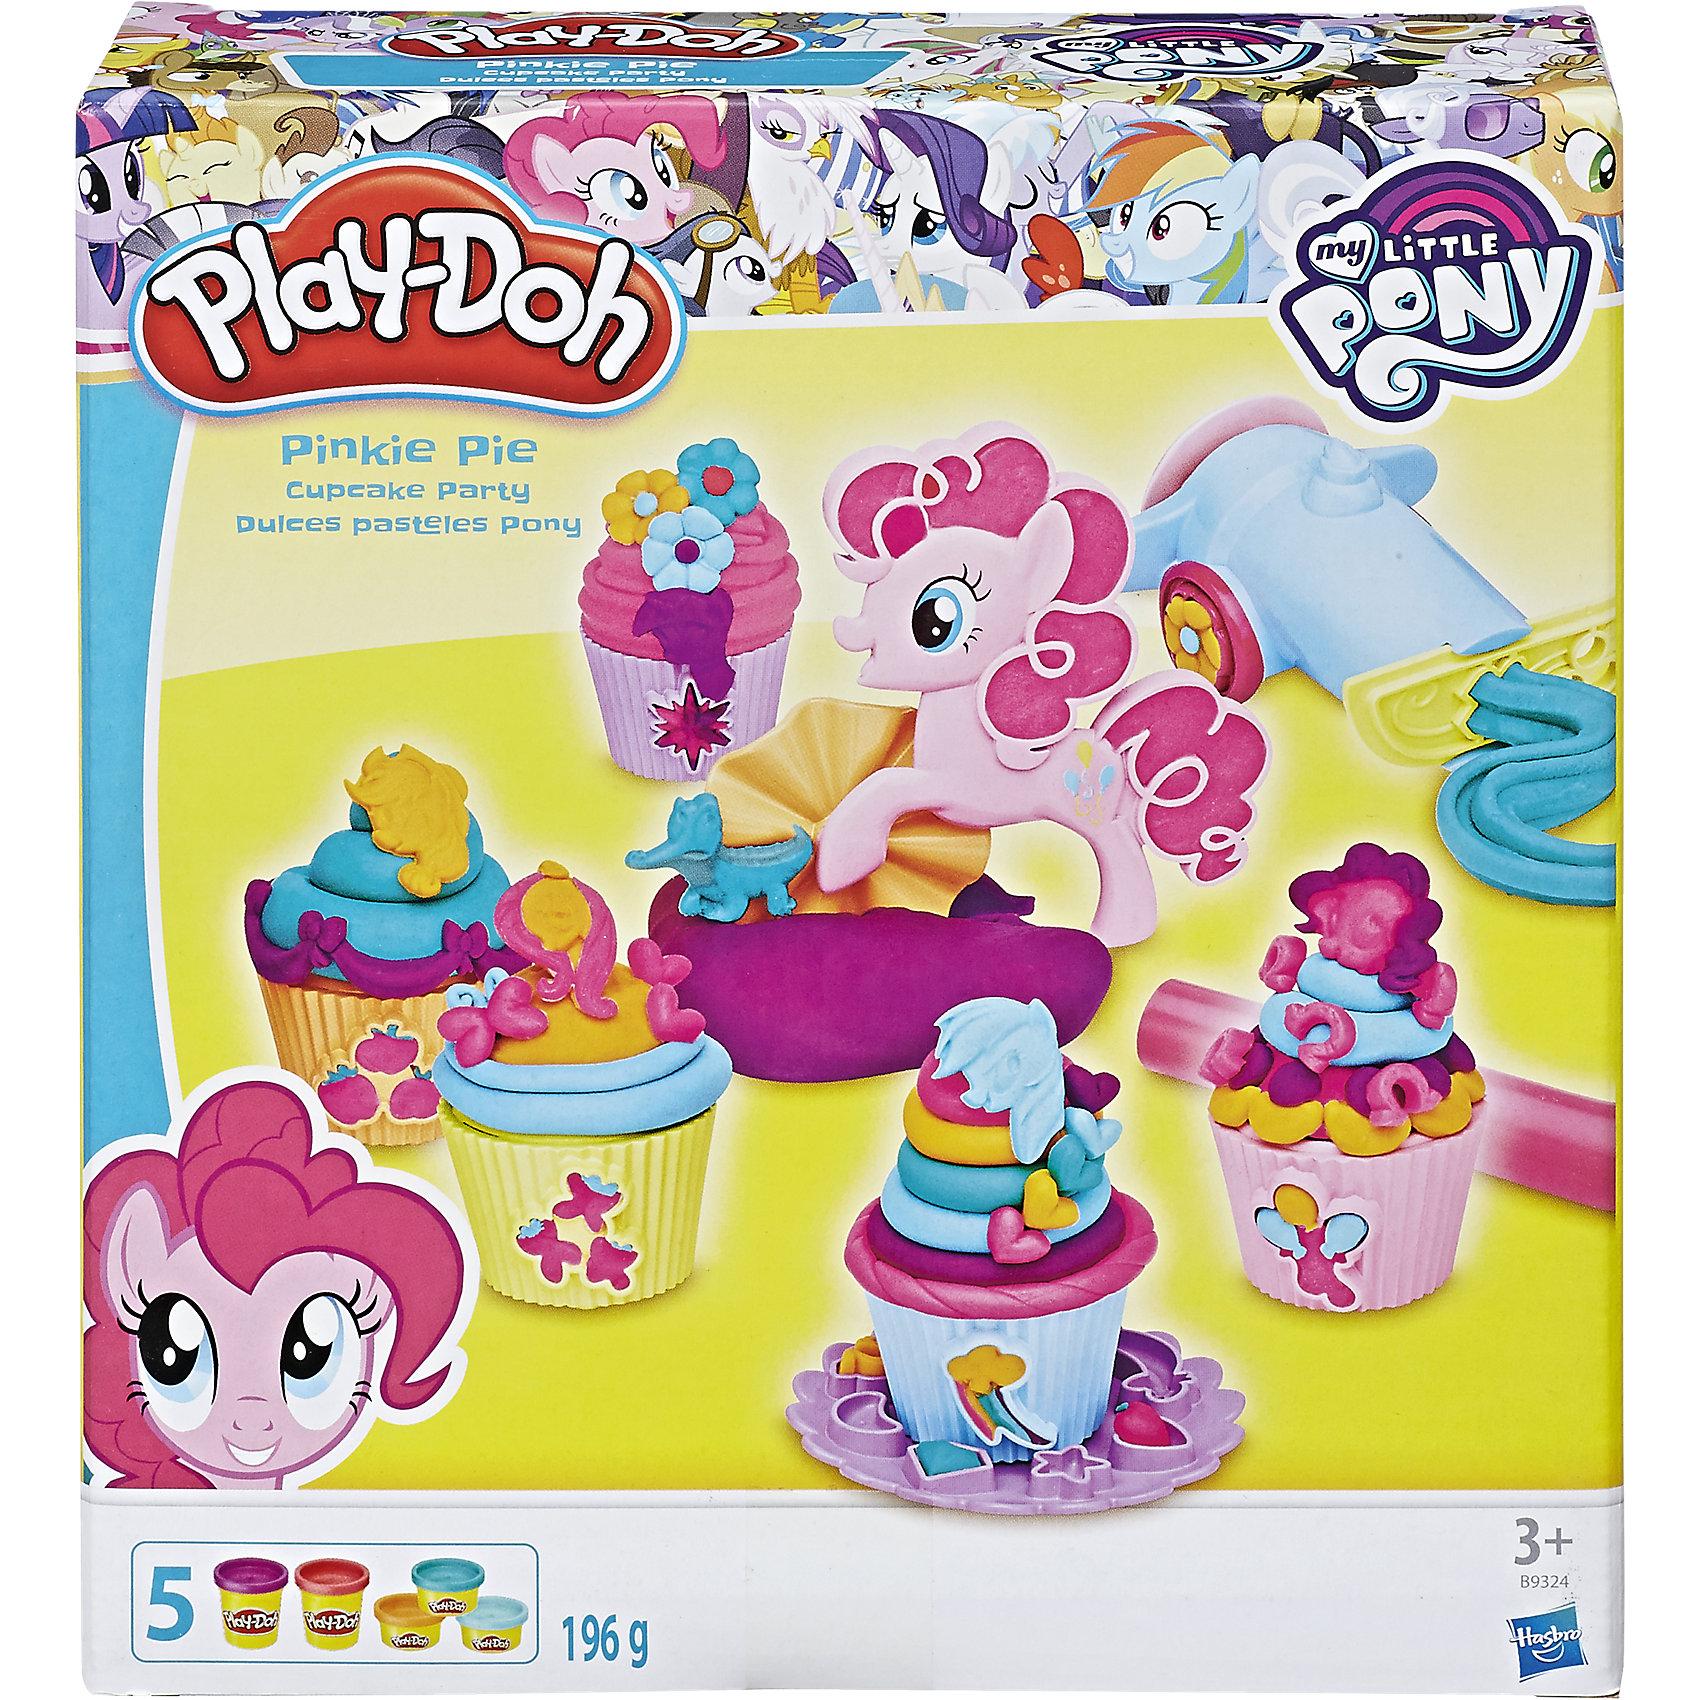 Игровой набор Вечеринка Пинки Пай, My little Pony, Play-DohИгрушки<br>Игровой набор Вечеринка Пинки Пай, My little Pony, Play-Doh. <br><br>Характеристика: <br><br>• Материал: пластик, пластилин. <br>• Размер упаковки: 21x19х6 см.<br>• В комплекте: экструдер, ролик, пресс-формы, формы для кекса, 1 стандартная и 5 небольших банок пластилина .<br>• Отличная детализация. <br>• Яркий привлекательный дизайн. <br>• После окончания игры пластилин хранить в плотно закрытой банке. <br>• Лепка отлично развивает моторику рук, воображение, мышление. <br><br>Игровой набор Вечеринка Пинки Пай обязательно понравится всем поклонницам My little Pony (Моя маленькая Пони). Пинки Пай хочет приготовить вкусные капкейки для своих друзей, скорее помоги ей в этом. В наборе есть все необходимое, чтобы приготовить и украсить отличные кексики. Мягкий пластилин выполнен из высококачественных экологичных материалов при использовании только безопасных нетоксичных красителей. Тесто-пластилин Play-Doh (Плей-До) очень пластичное, хорошо смывается с рук и одежды.<br><br>Игровой набор Вечеринка Пинки Пай, My little Pony (Май литл Пони), Play-Doh, можно купить в нашем интернет-магазине.<br><br>Ширина мм: 217<br>Глубина мм: 200<br>Высота мм: 63<br>Вес г: 489<br>Возраст от месяцев: 36<br>Возраст до месяцев: 72<br>Пол: Женский<br>Возраст: Детский<br>SKU: 5099884